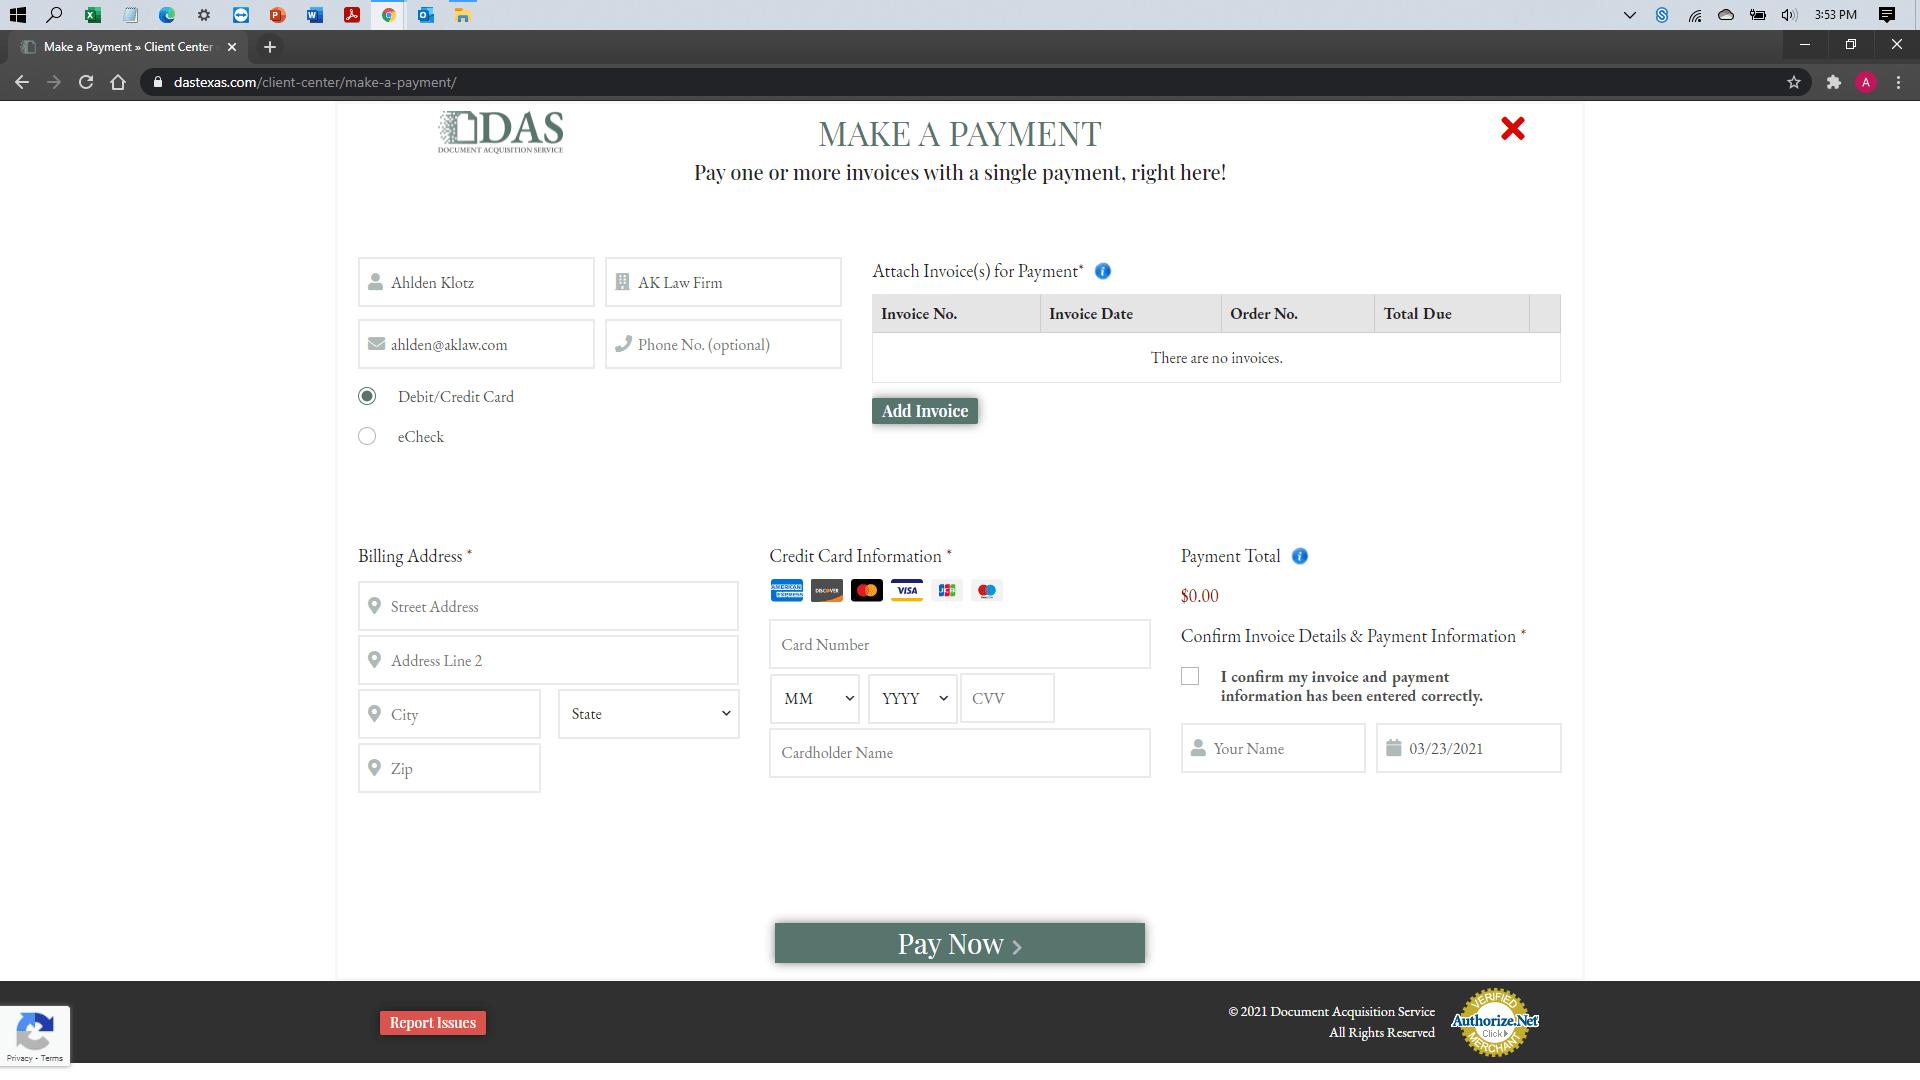 [help docs] Make a Payment - Credit Debit - Client Details Entered